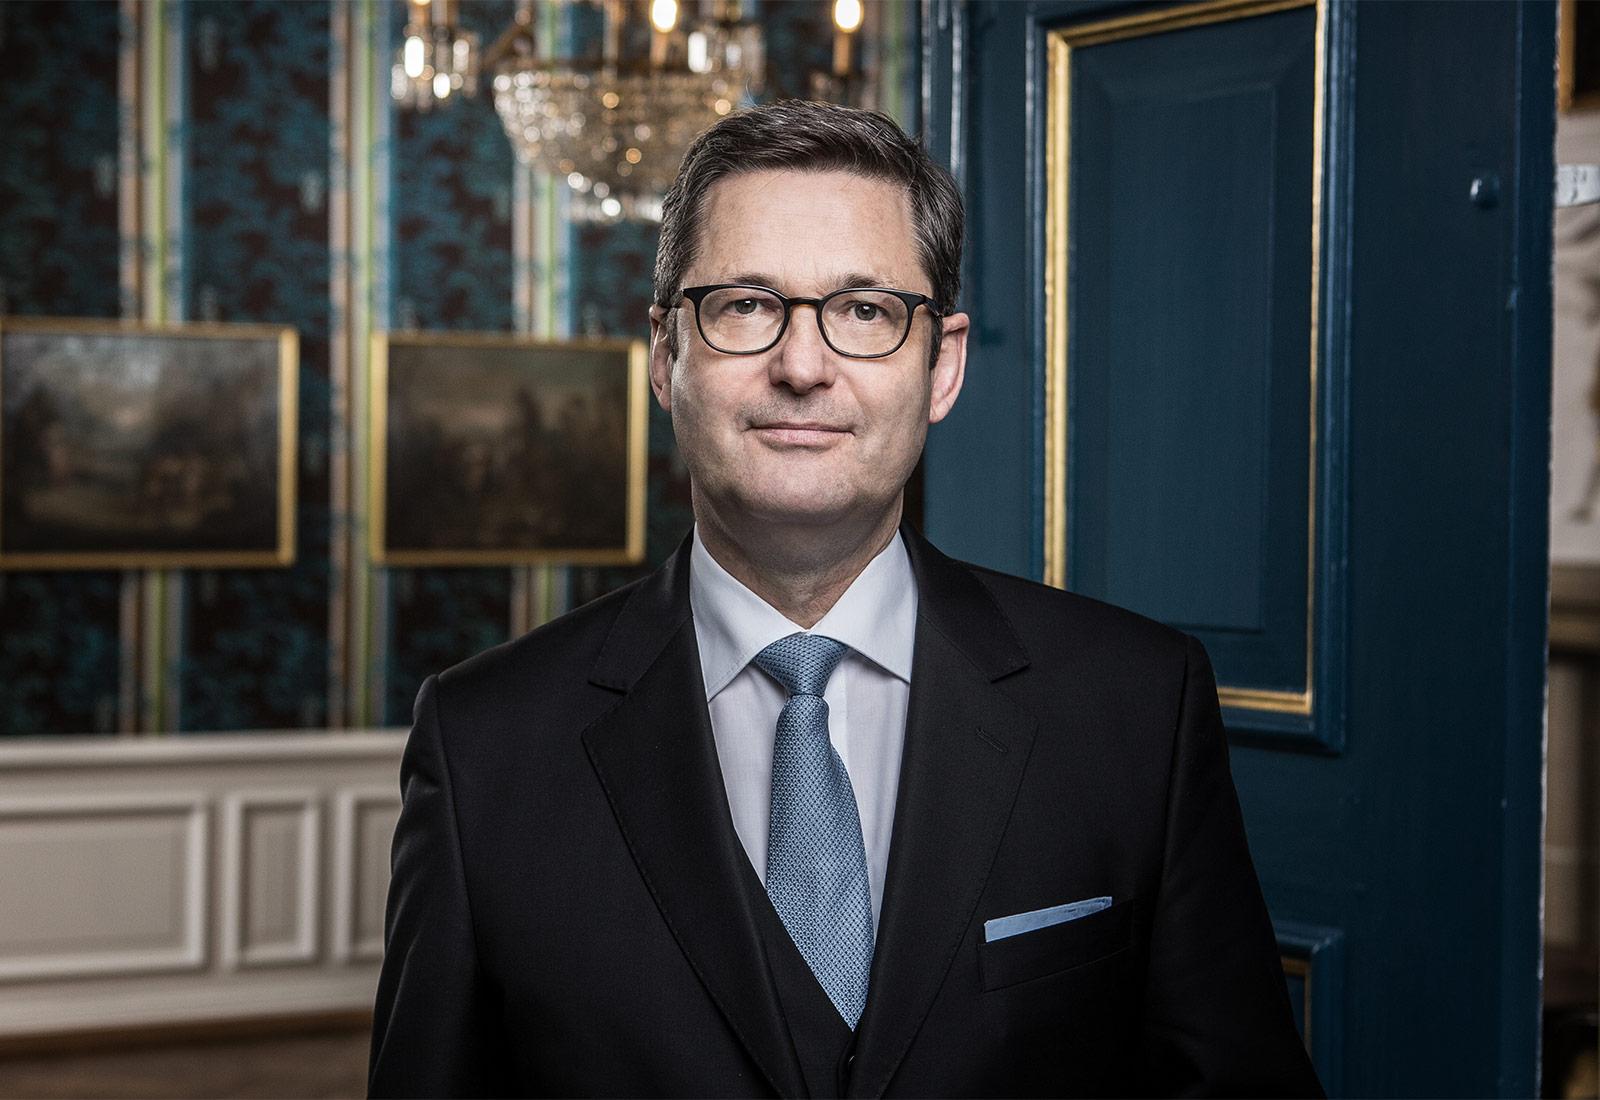 Rainer Besckschewe